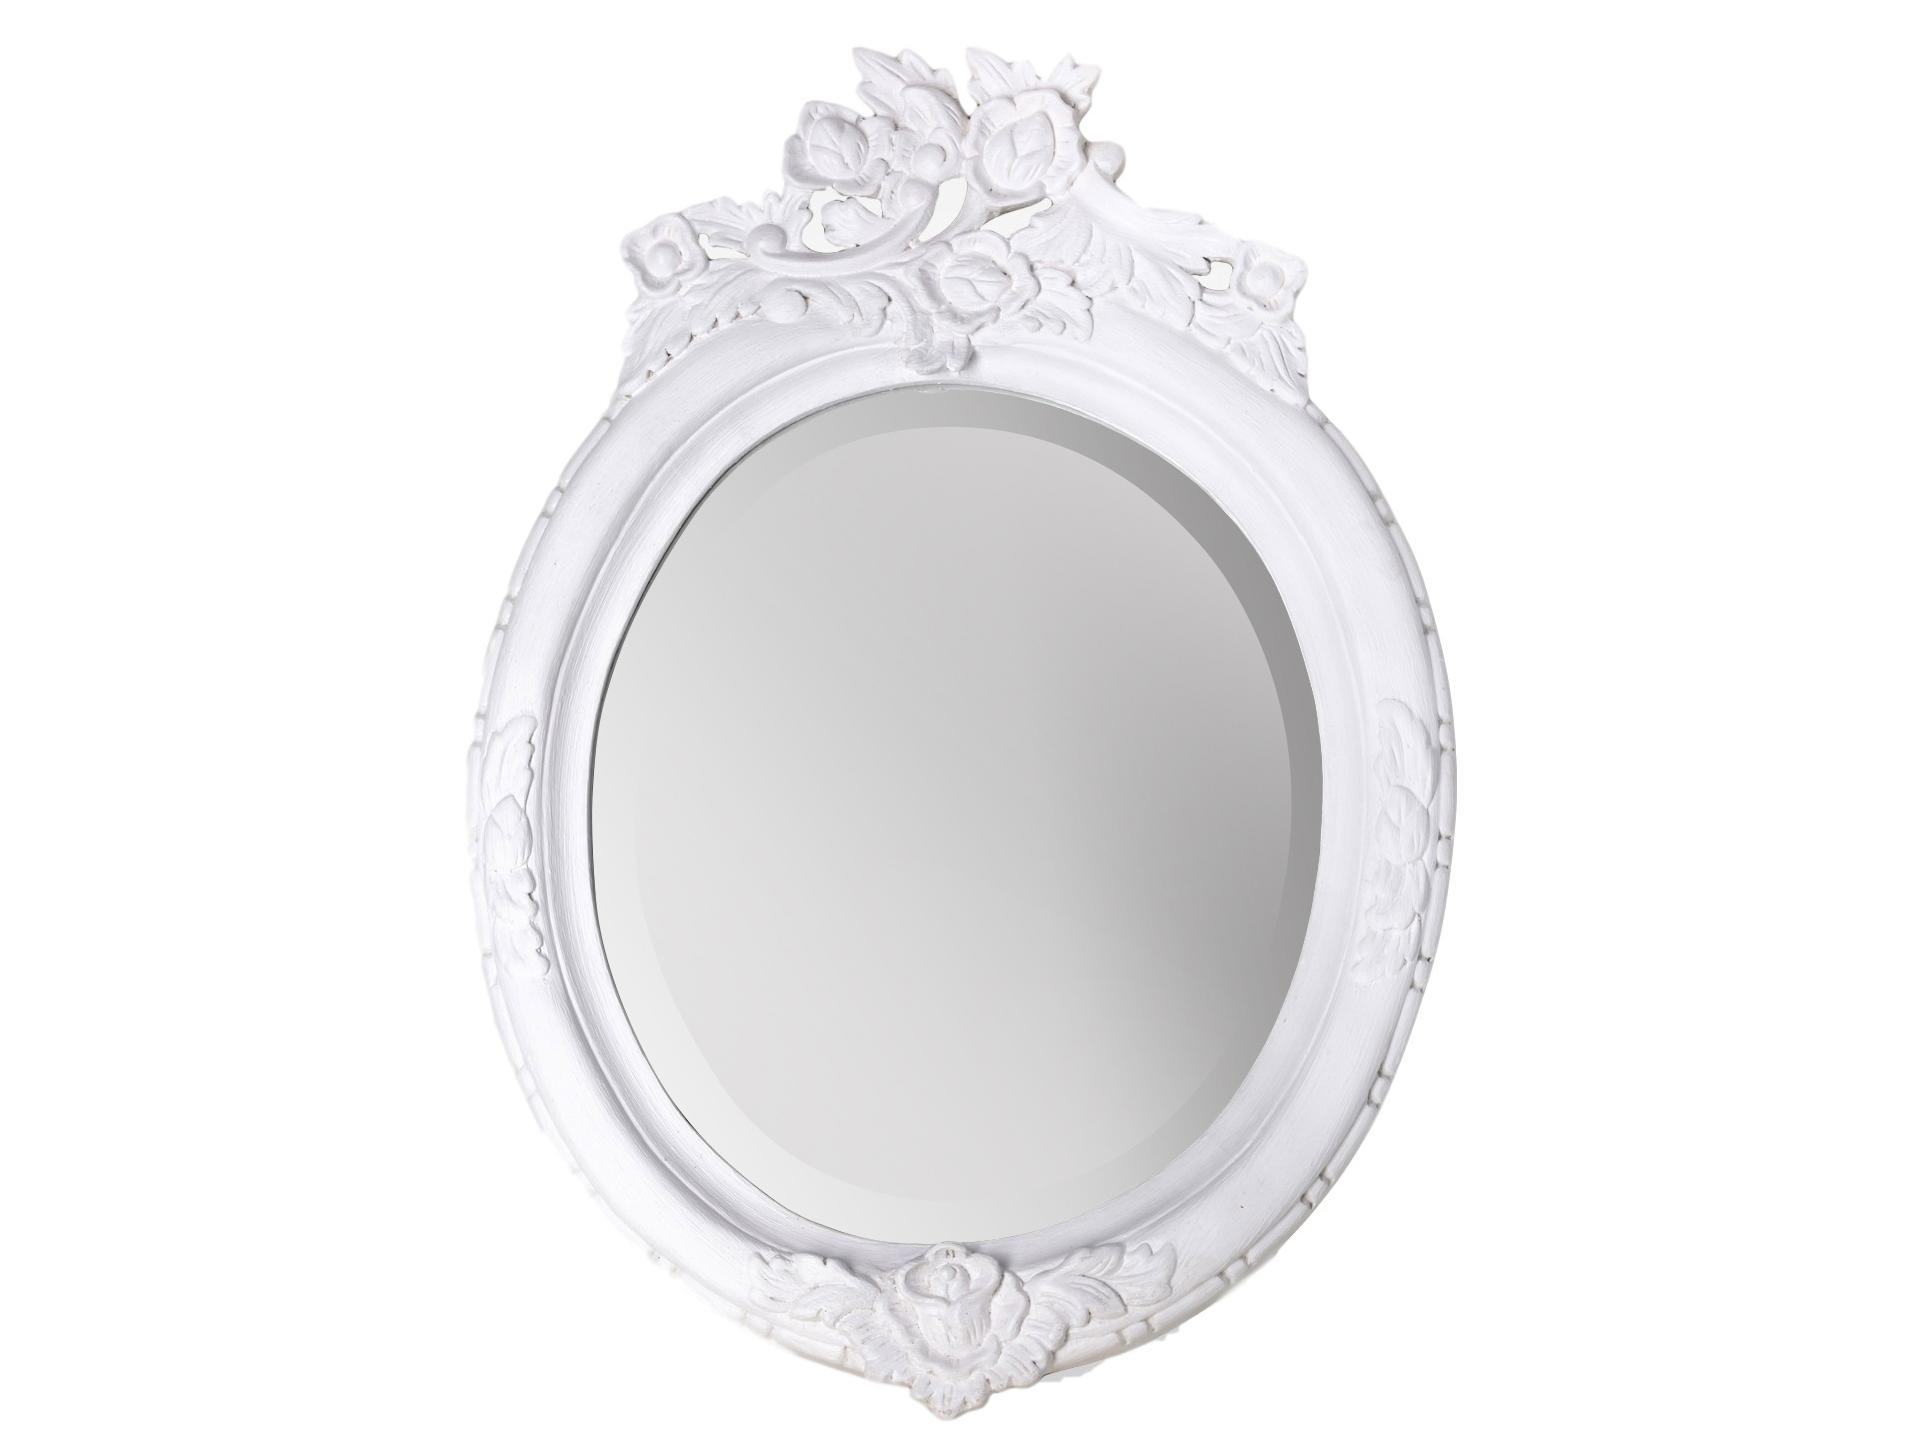 Зеркало (3шт)Настенные зеркала<br>Комплект из трех зеркал разного размера в рамах из дерева махагони, украшенных резьбой.&amp;lt;div&amp;gt;&amp;lt;br&amp;gt;&amp;lt;div&amp;gt;&amp;lt;div&amp;gt;&amp;lt;div&amp;gt;&amp;lt;span style=&amp;quot;font-size: 14px;&amp;quot;&amp;gt;Размеры зеркал: 28*45 см, 36*52 см, 42,5*57,5 см.&amp;lt;/span&amp;gt;&amp;lt;br&amp;gt;&amp;lt;/div&amp;gt;&amp;lt;/div&amp;gt;&amp;lt;/div&amp;gt;&amp;lt;/div&amp;gt;<br><br>Material: Красное дерево<br>Ширина см: 28<br>Высота см: 45